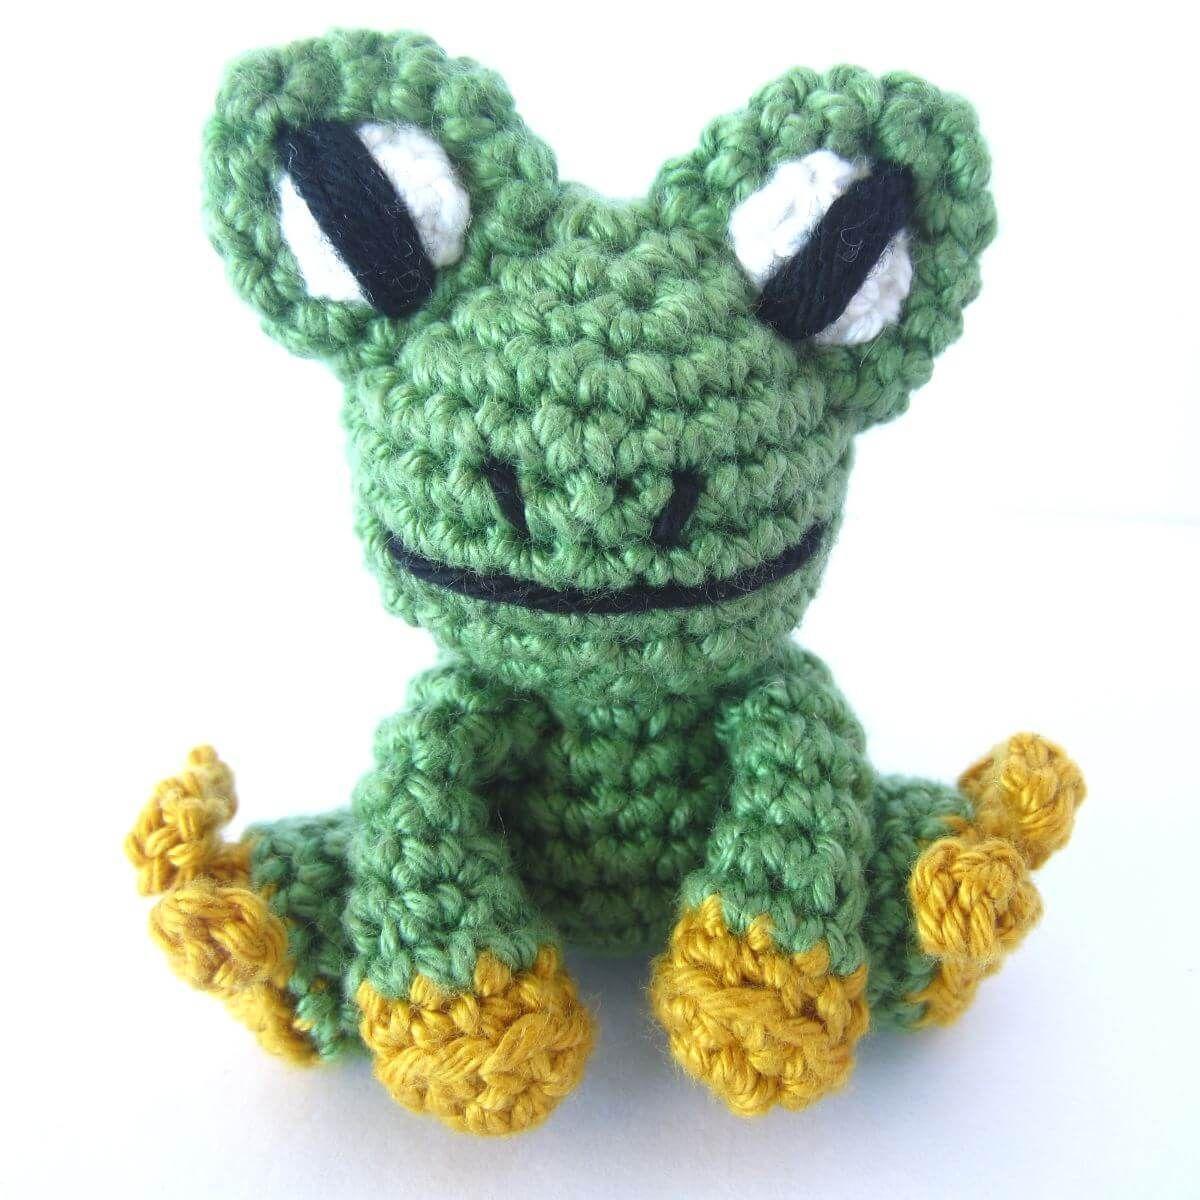 Magnificent Häkeln Frosch Muster Frei Gift - Decke Stricken Muster ...